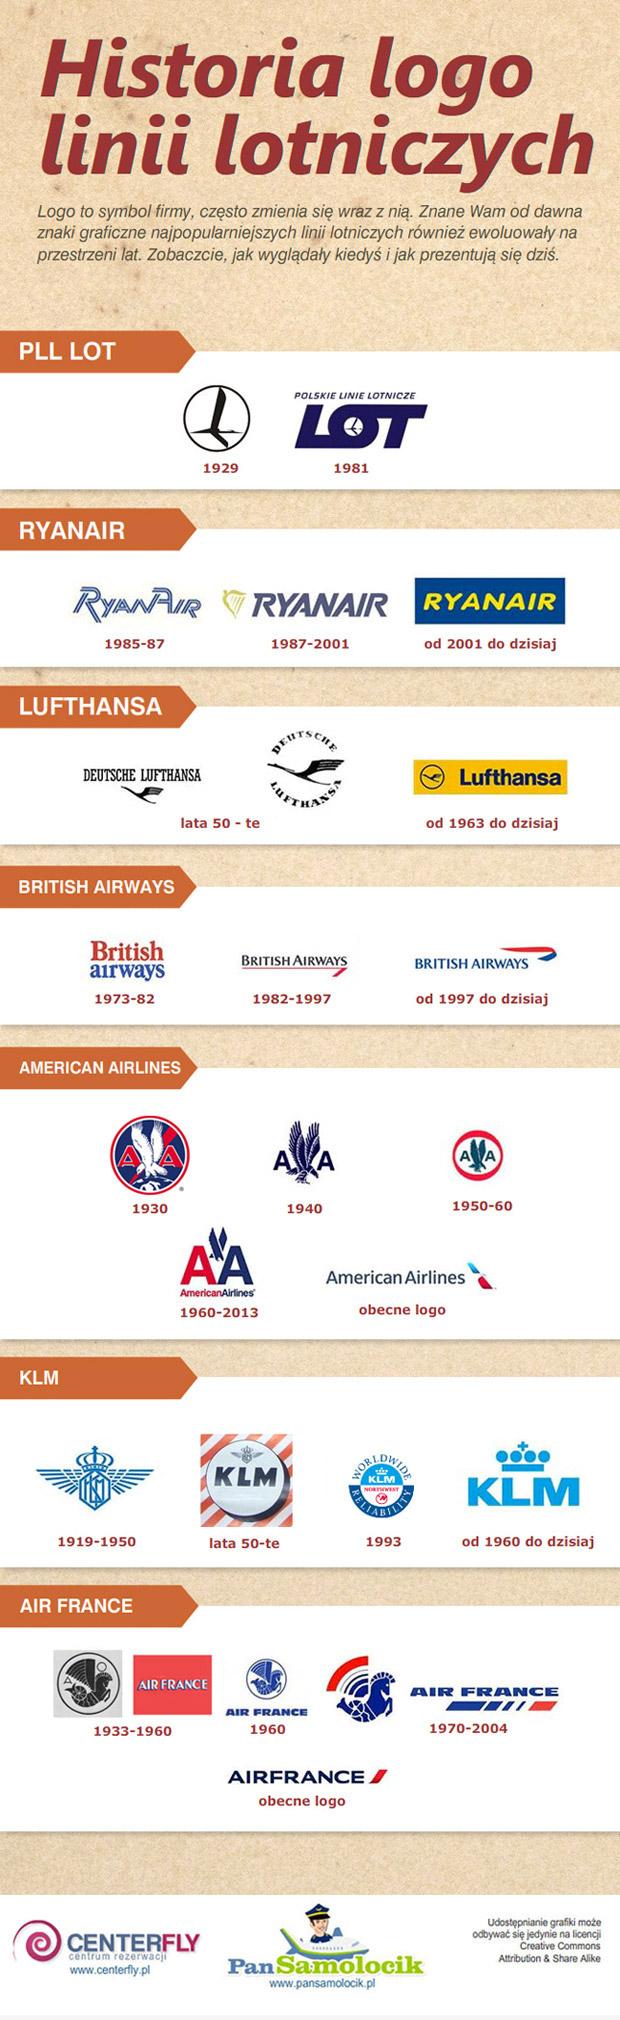 historia logo linii lotniczych